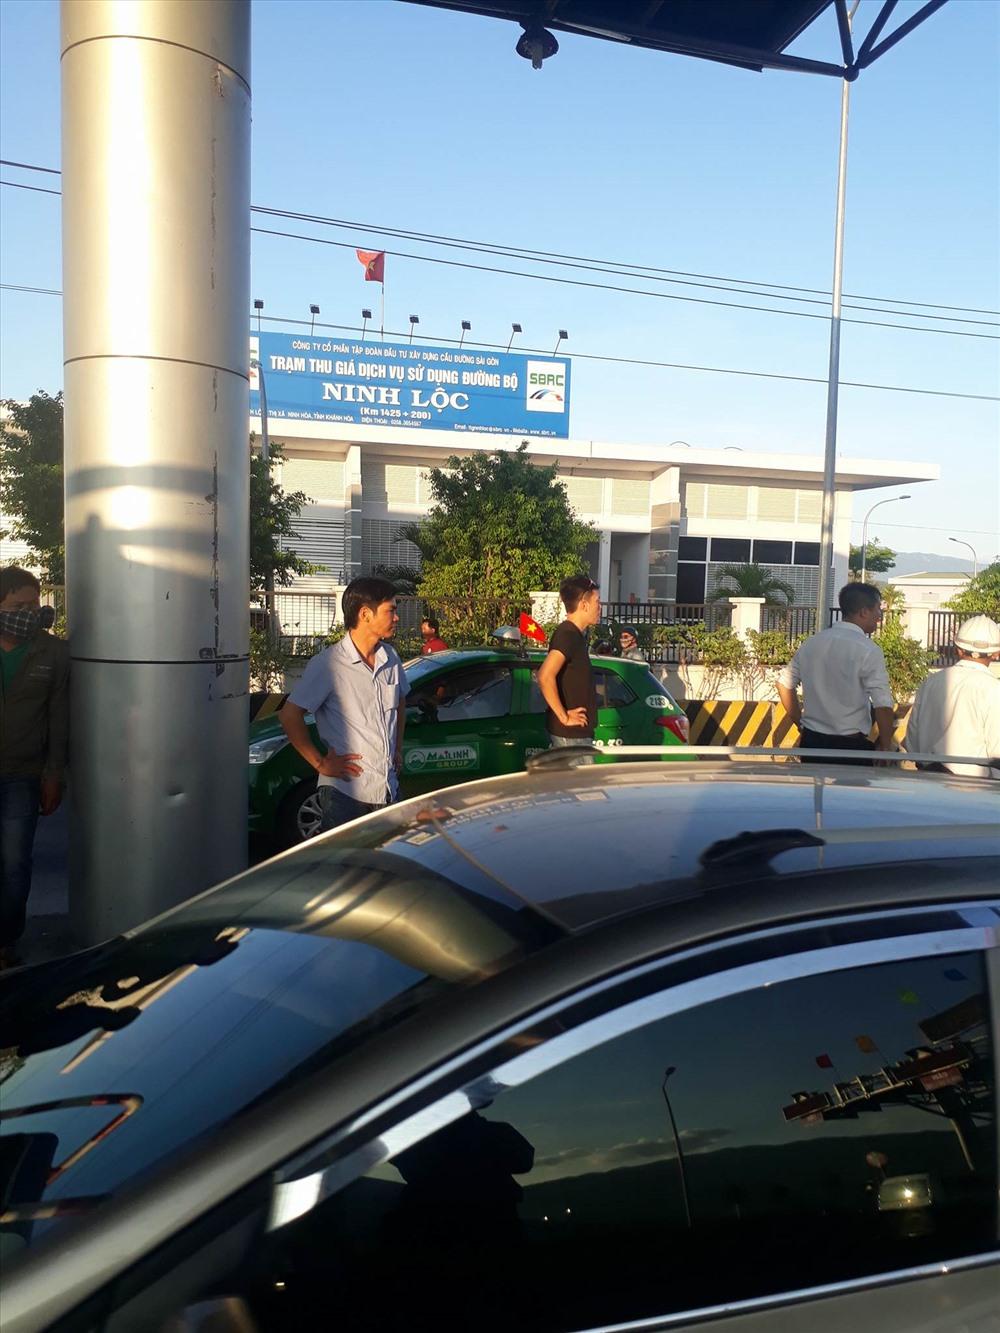 Tài xế dừng xe yêu cầu BOT Ninh Lộc giải thích về việc miễn, giảm vé.